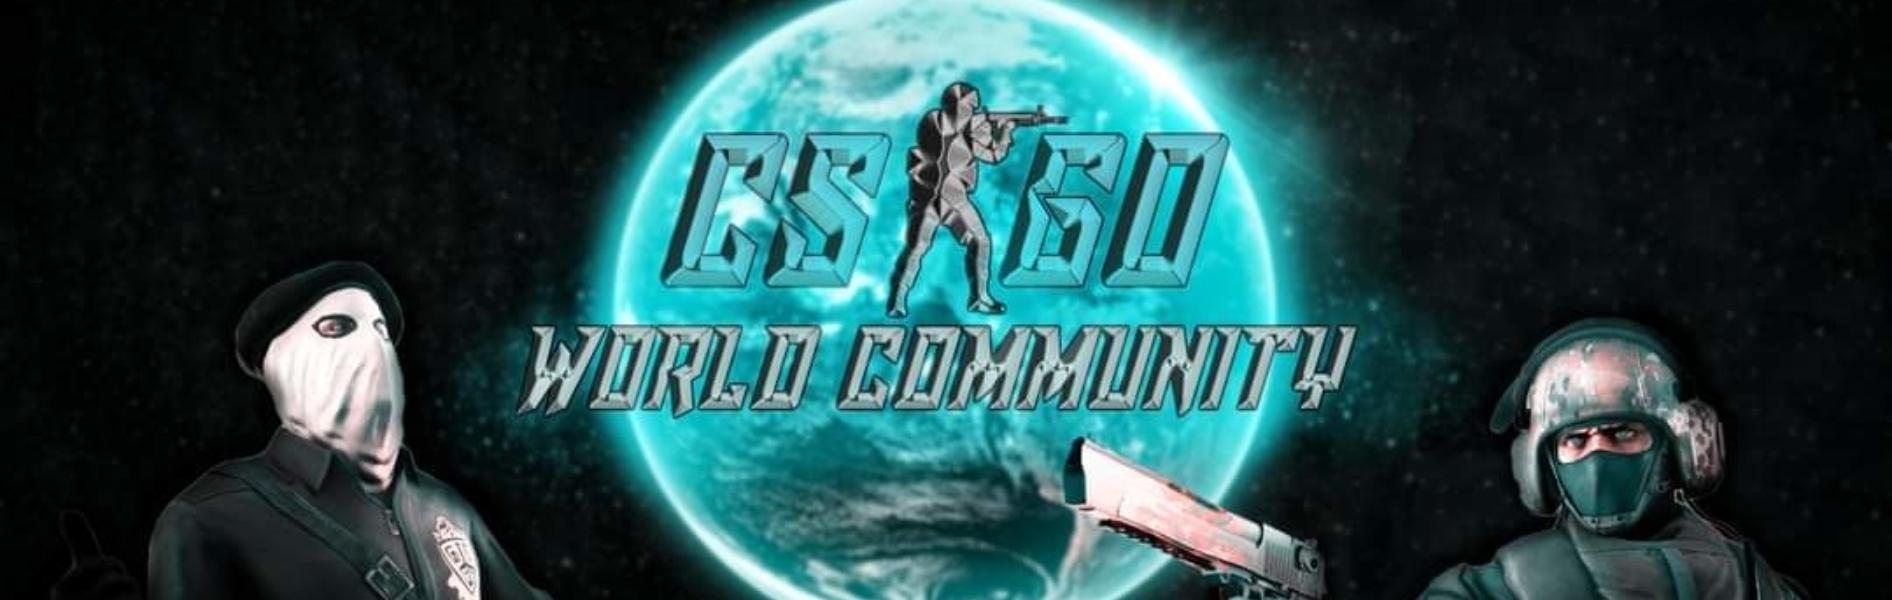 (CS:GO) World Community Banner